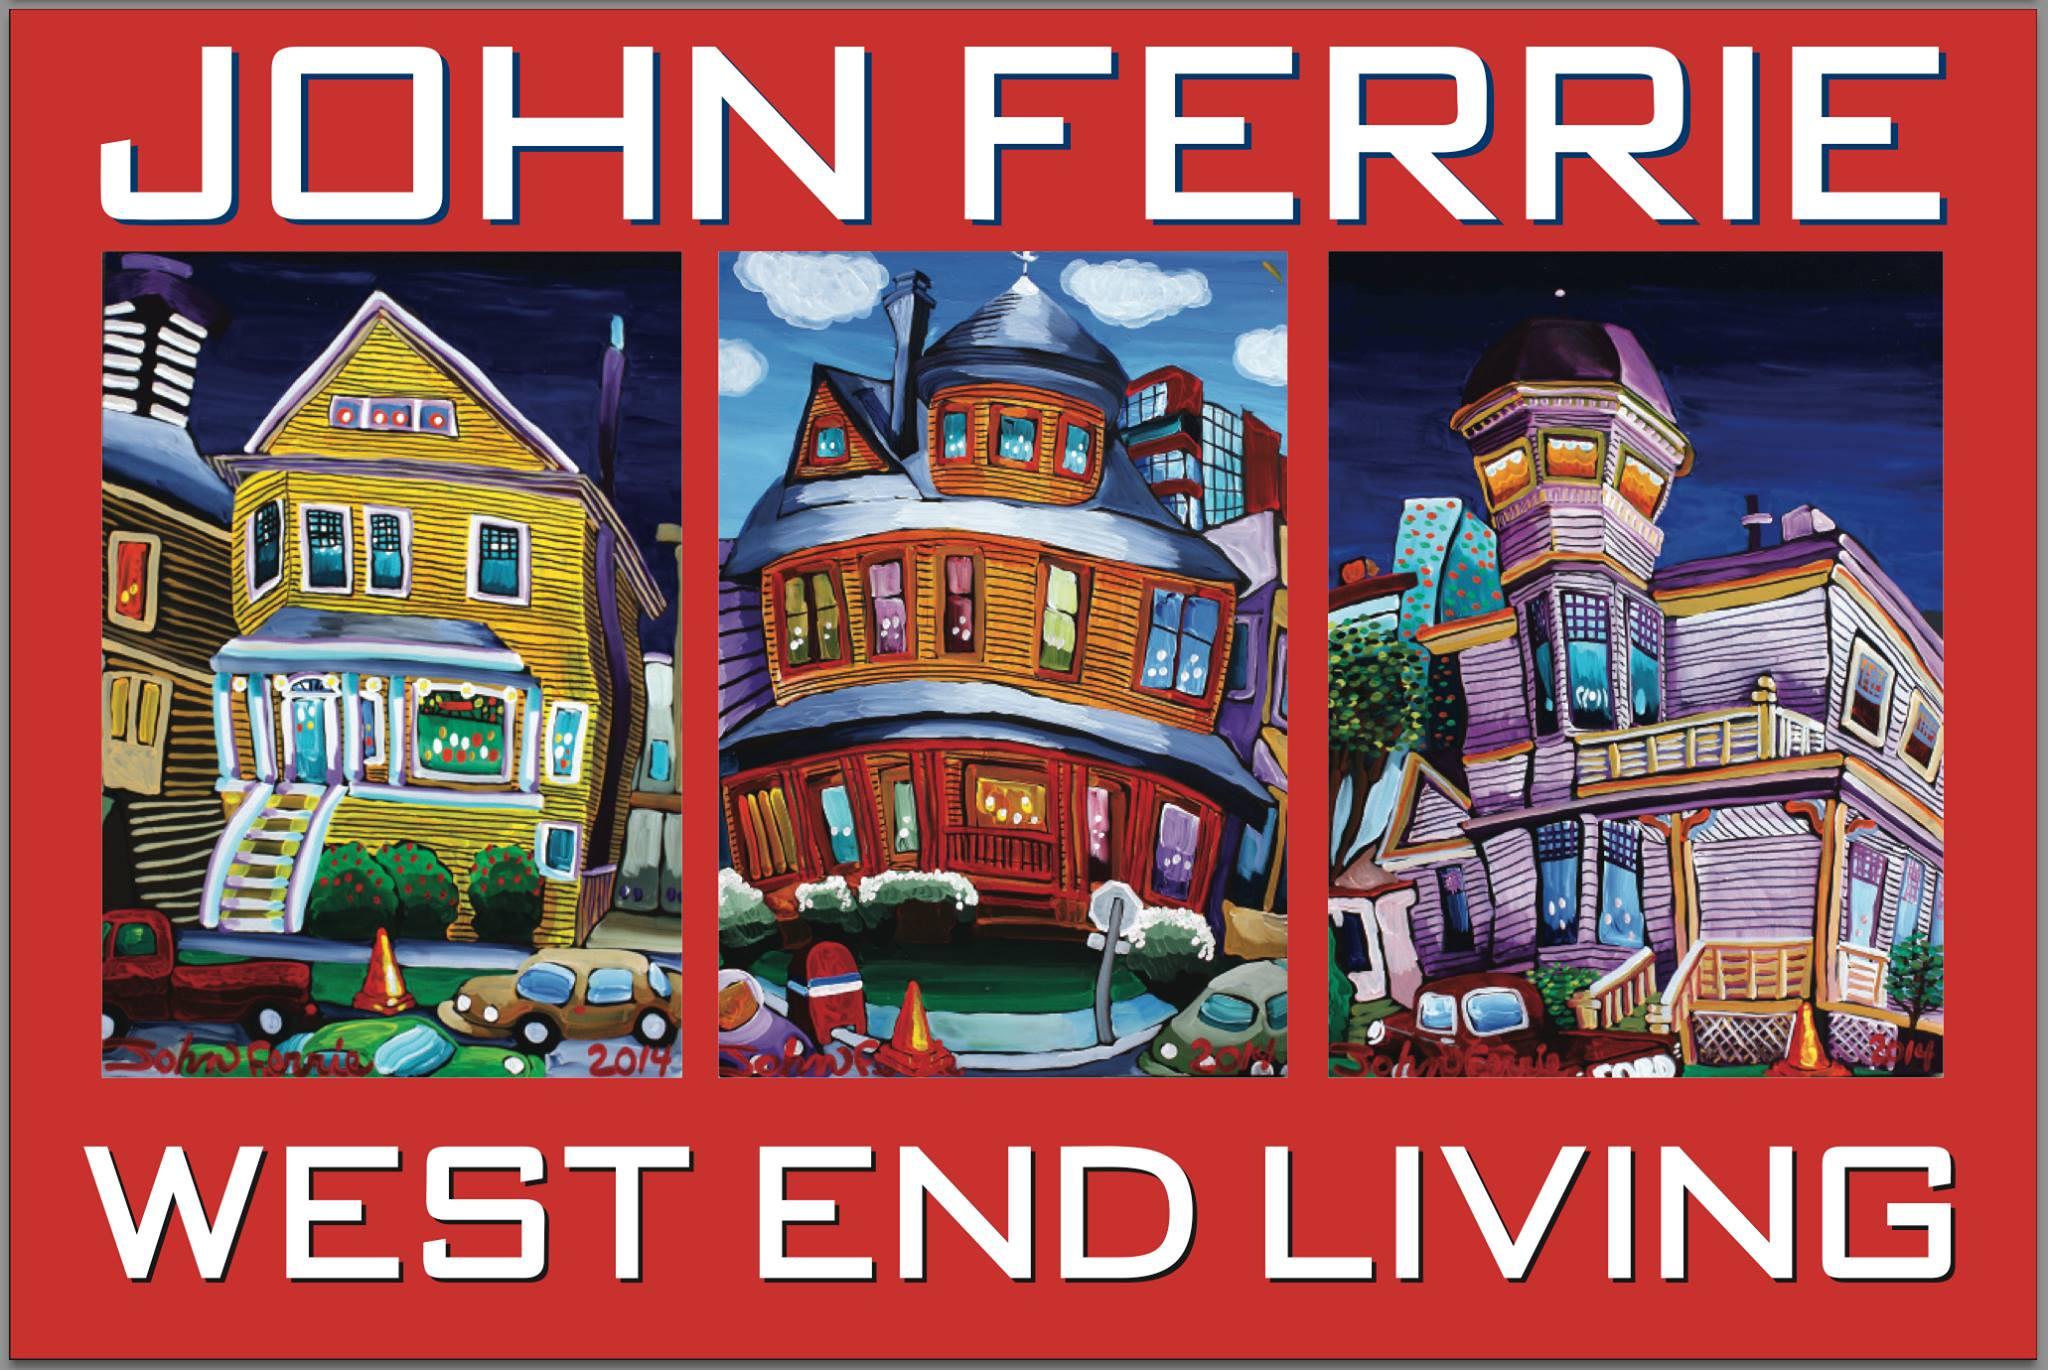 John Ferrie West End Living